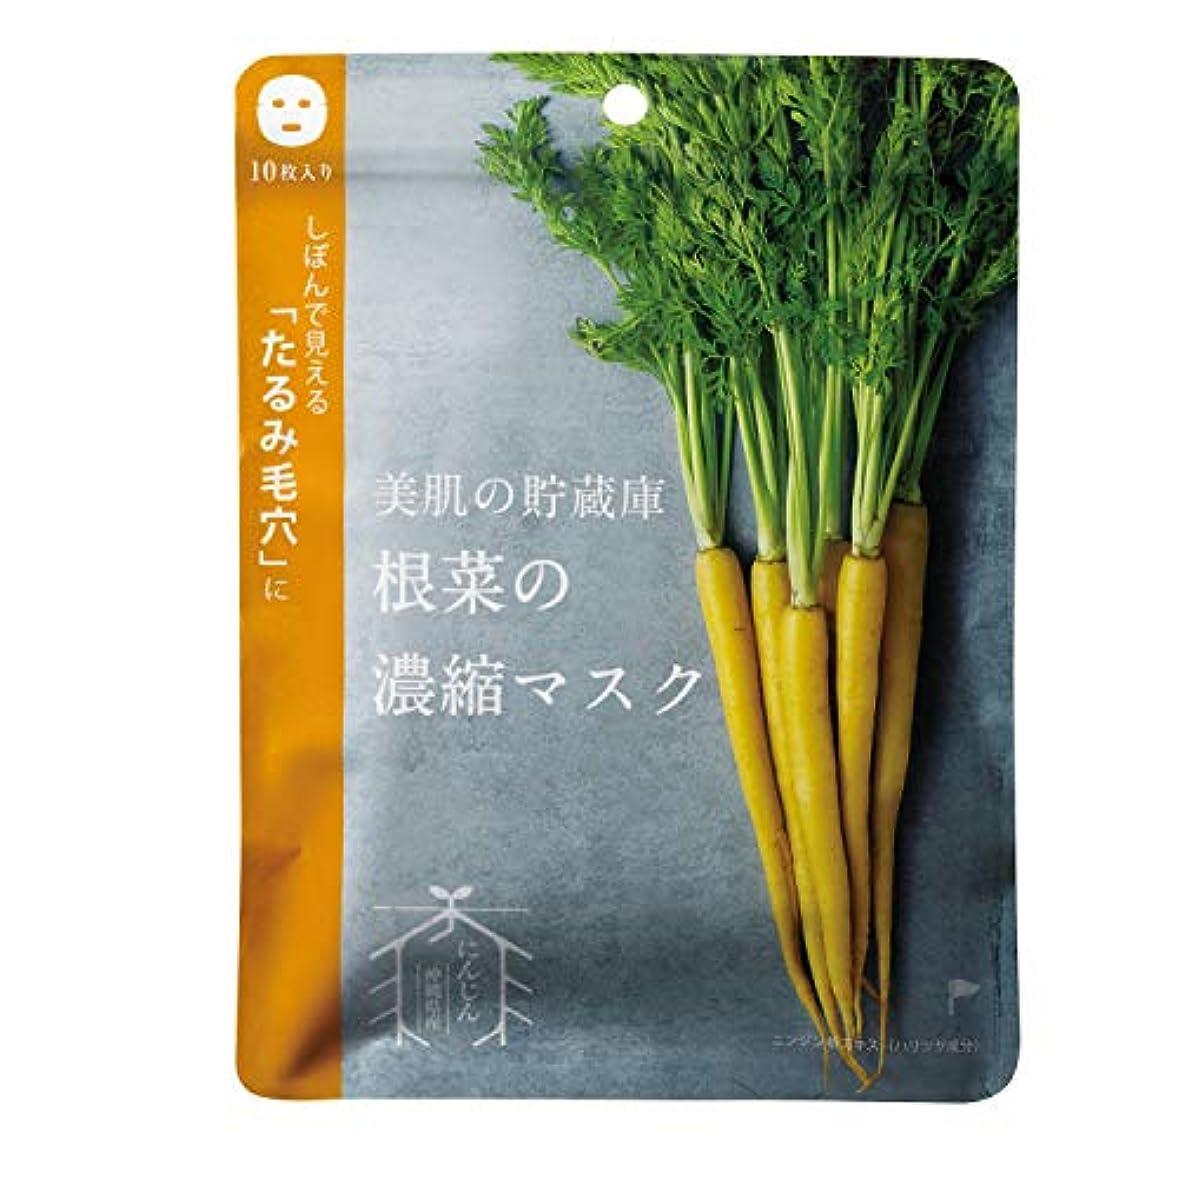 ラックしっとり着飾る@cosme nippon 美肌の貯蔵庫 根菜の濃縮マスク 島にんじん 10枚 160ml